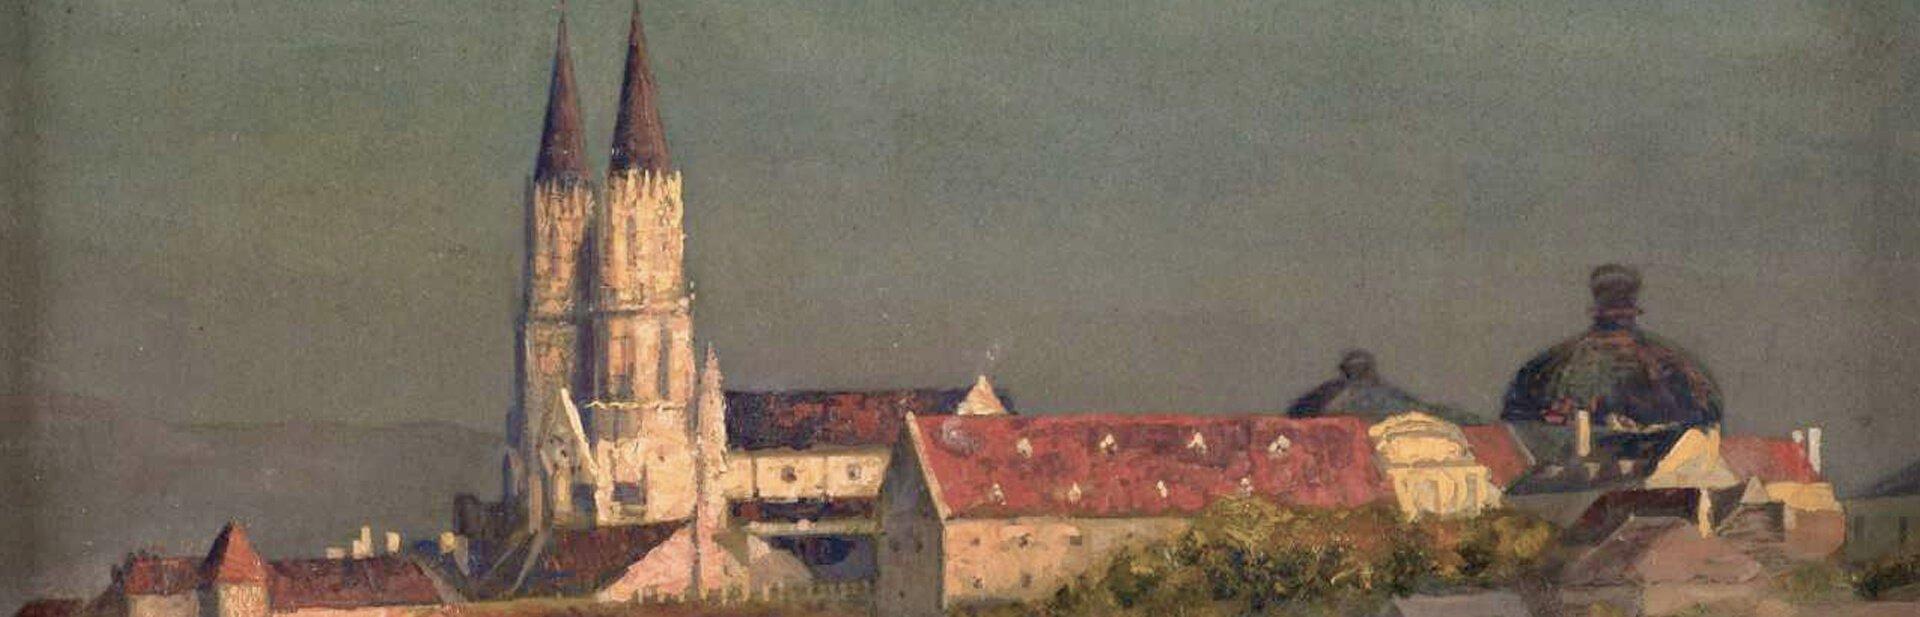 Stift Klosterneuburg historisch, Graner